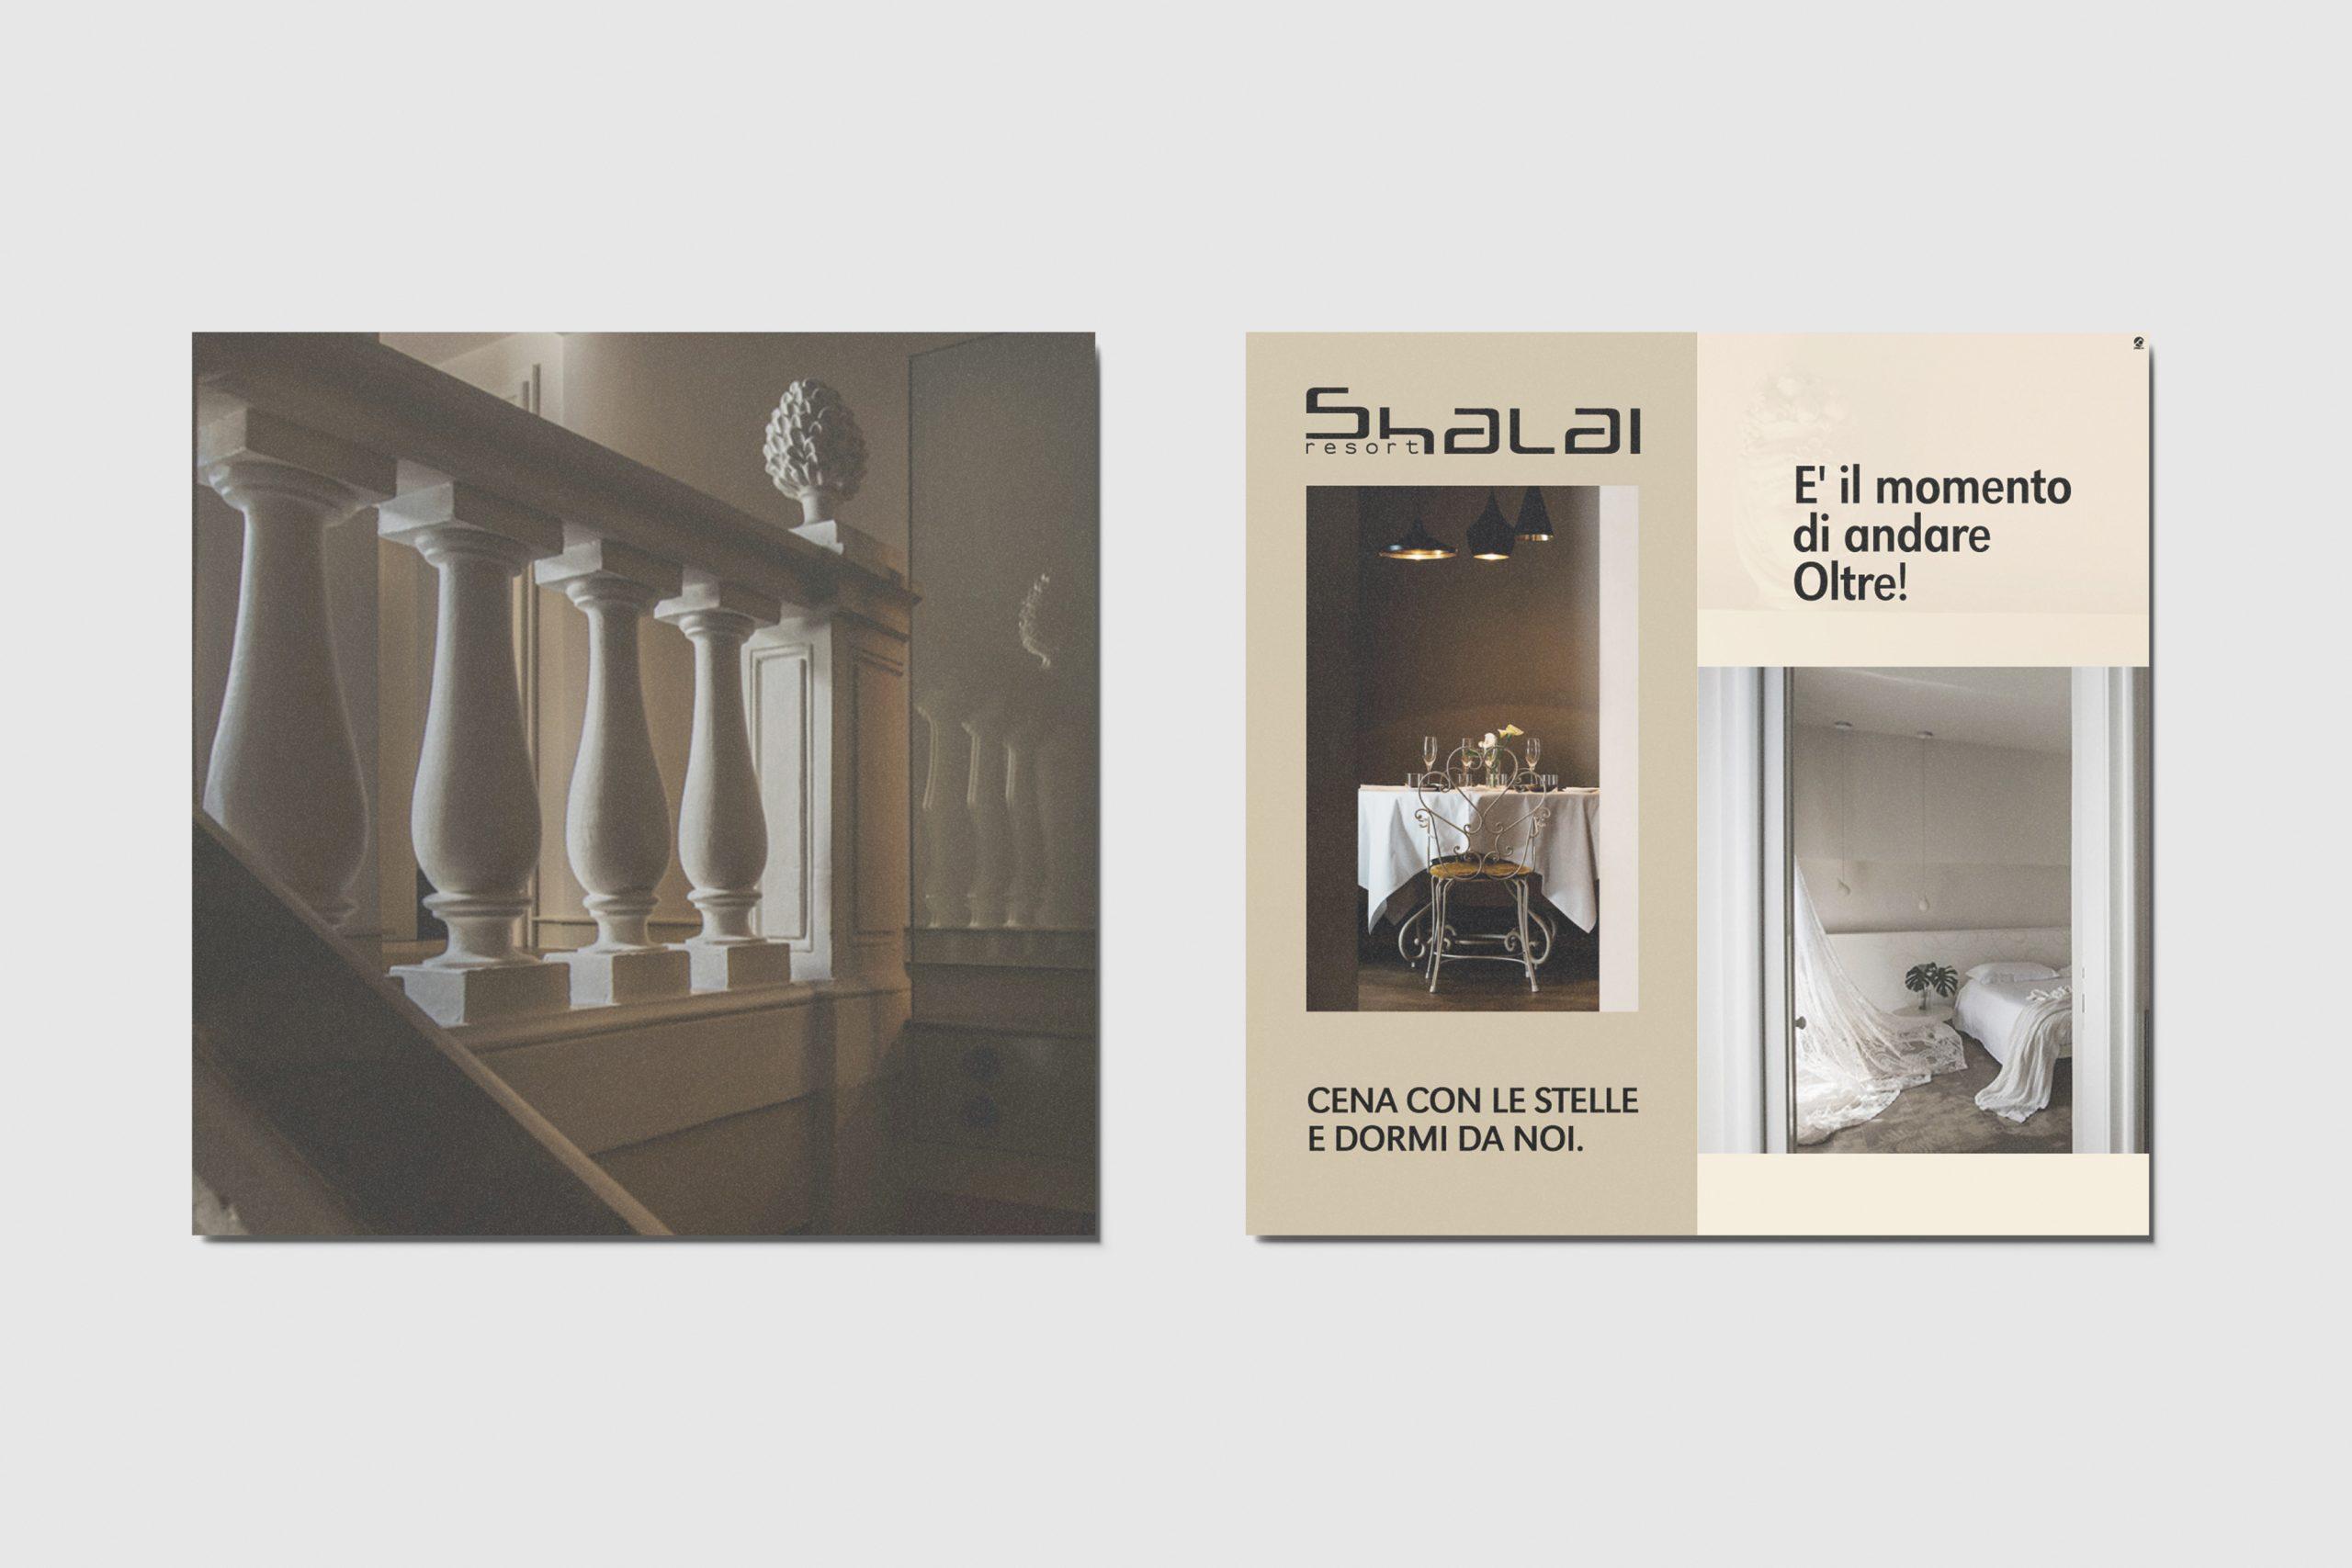 Shalai-post-pressh24